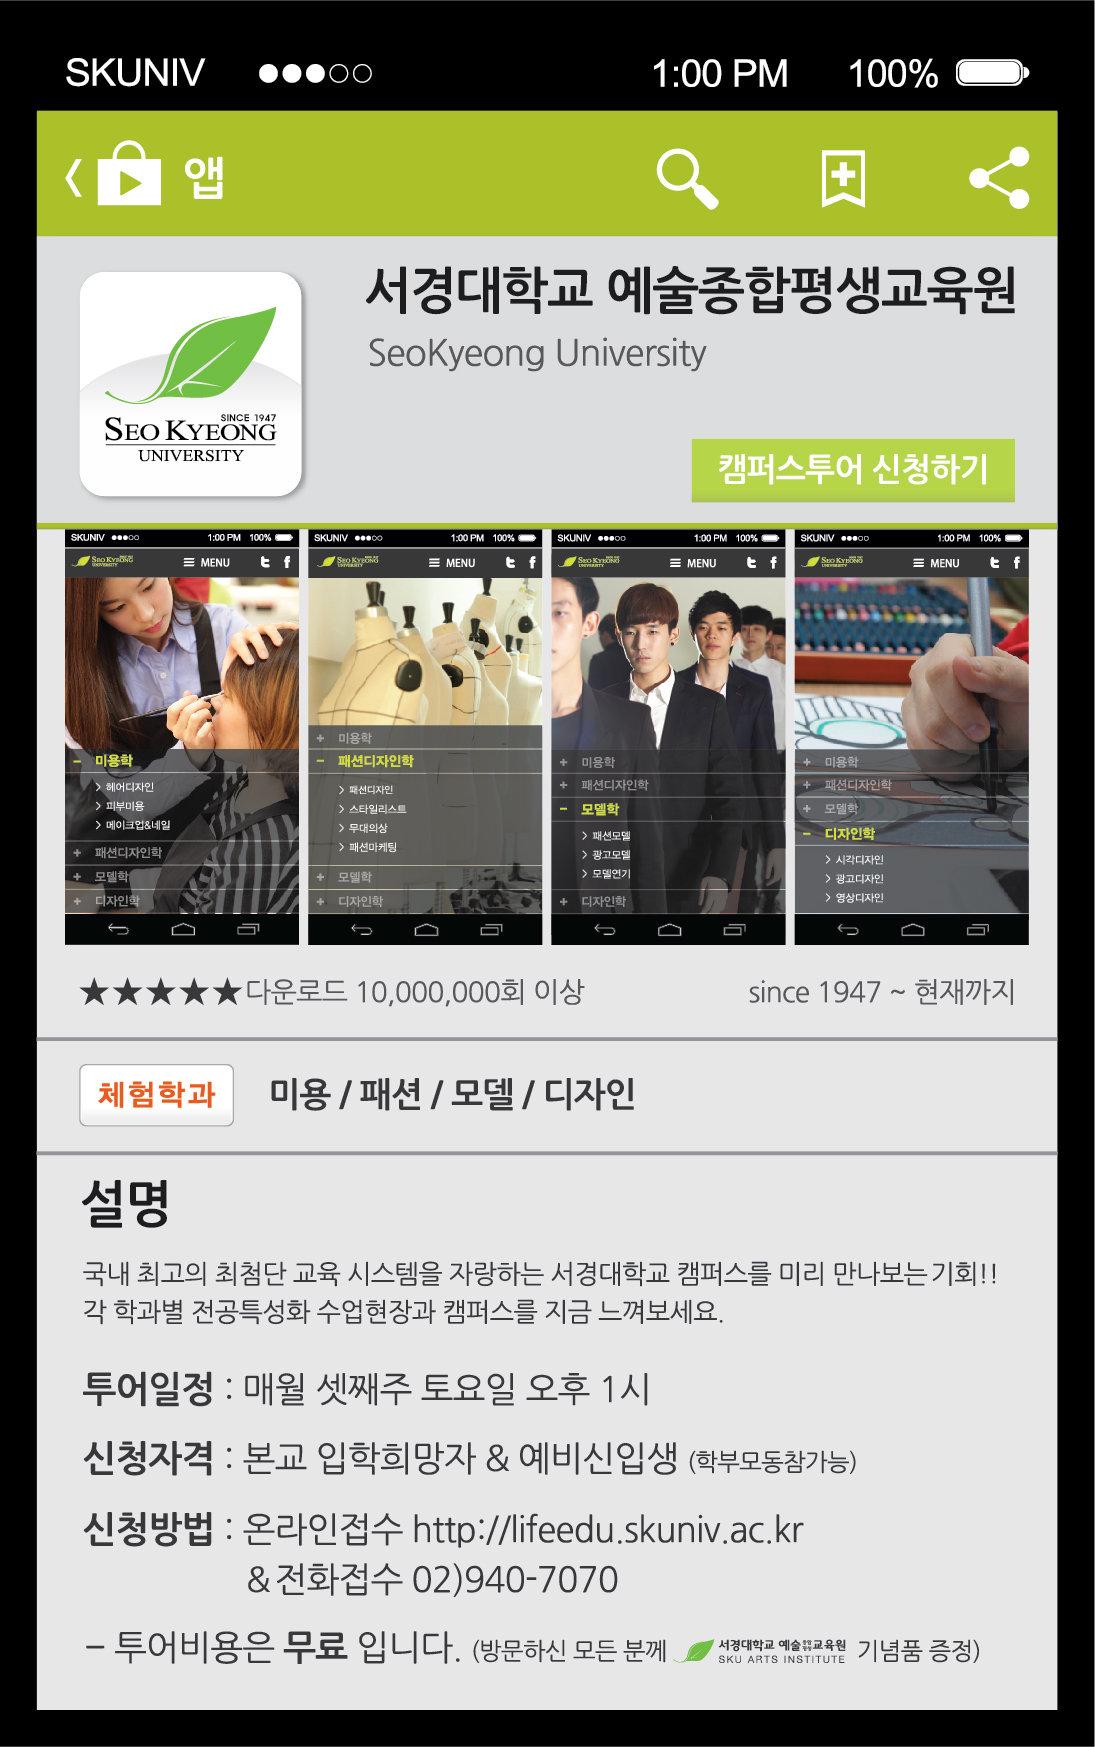 2014-5-19_모바일포스터 최종_out-01.jpg